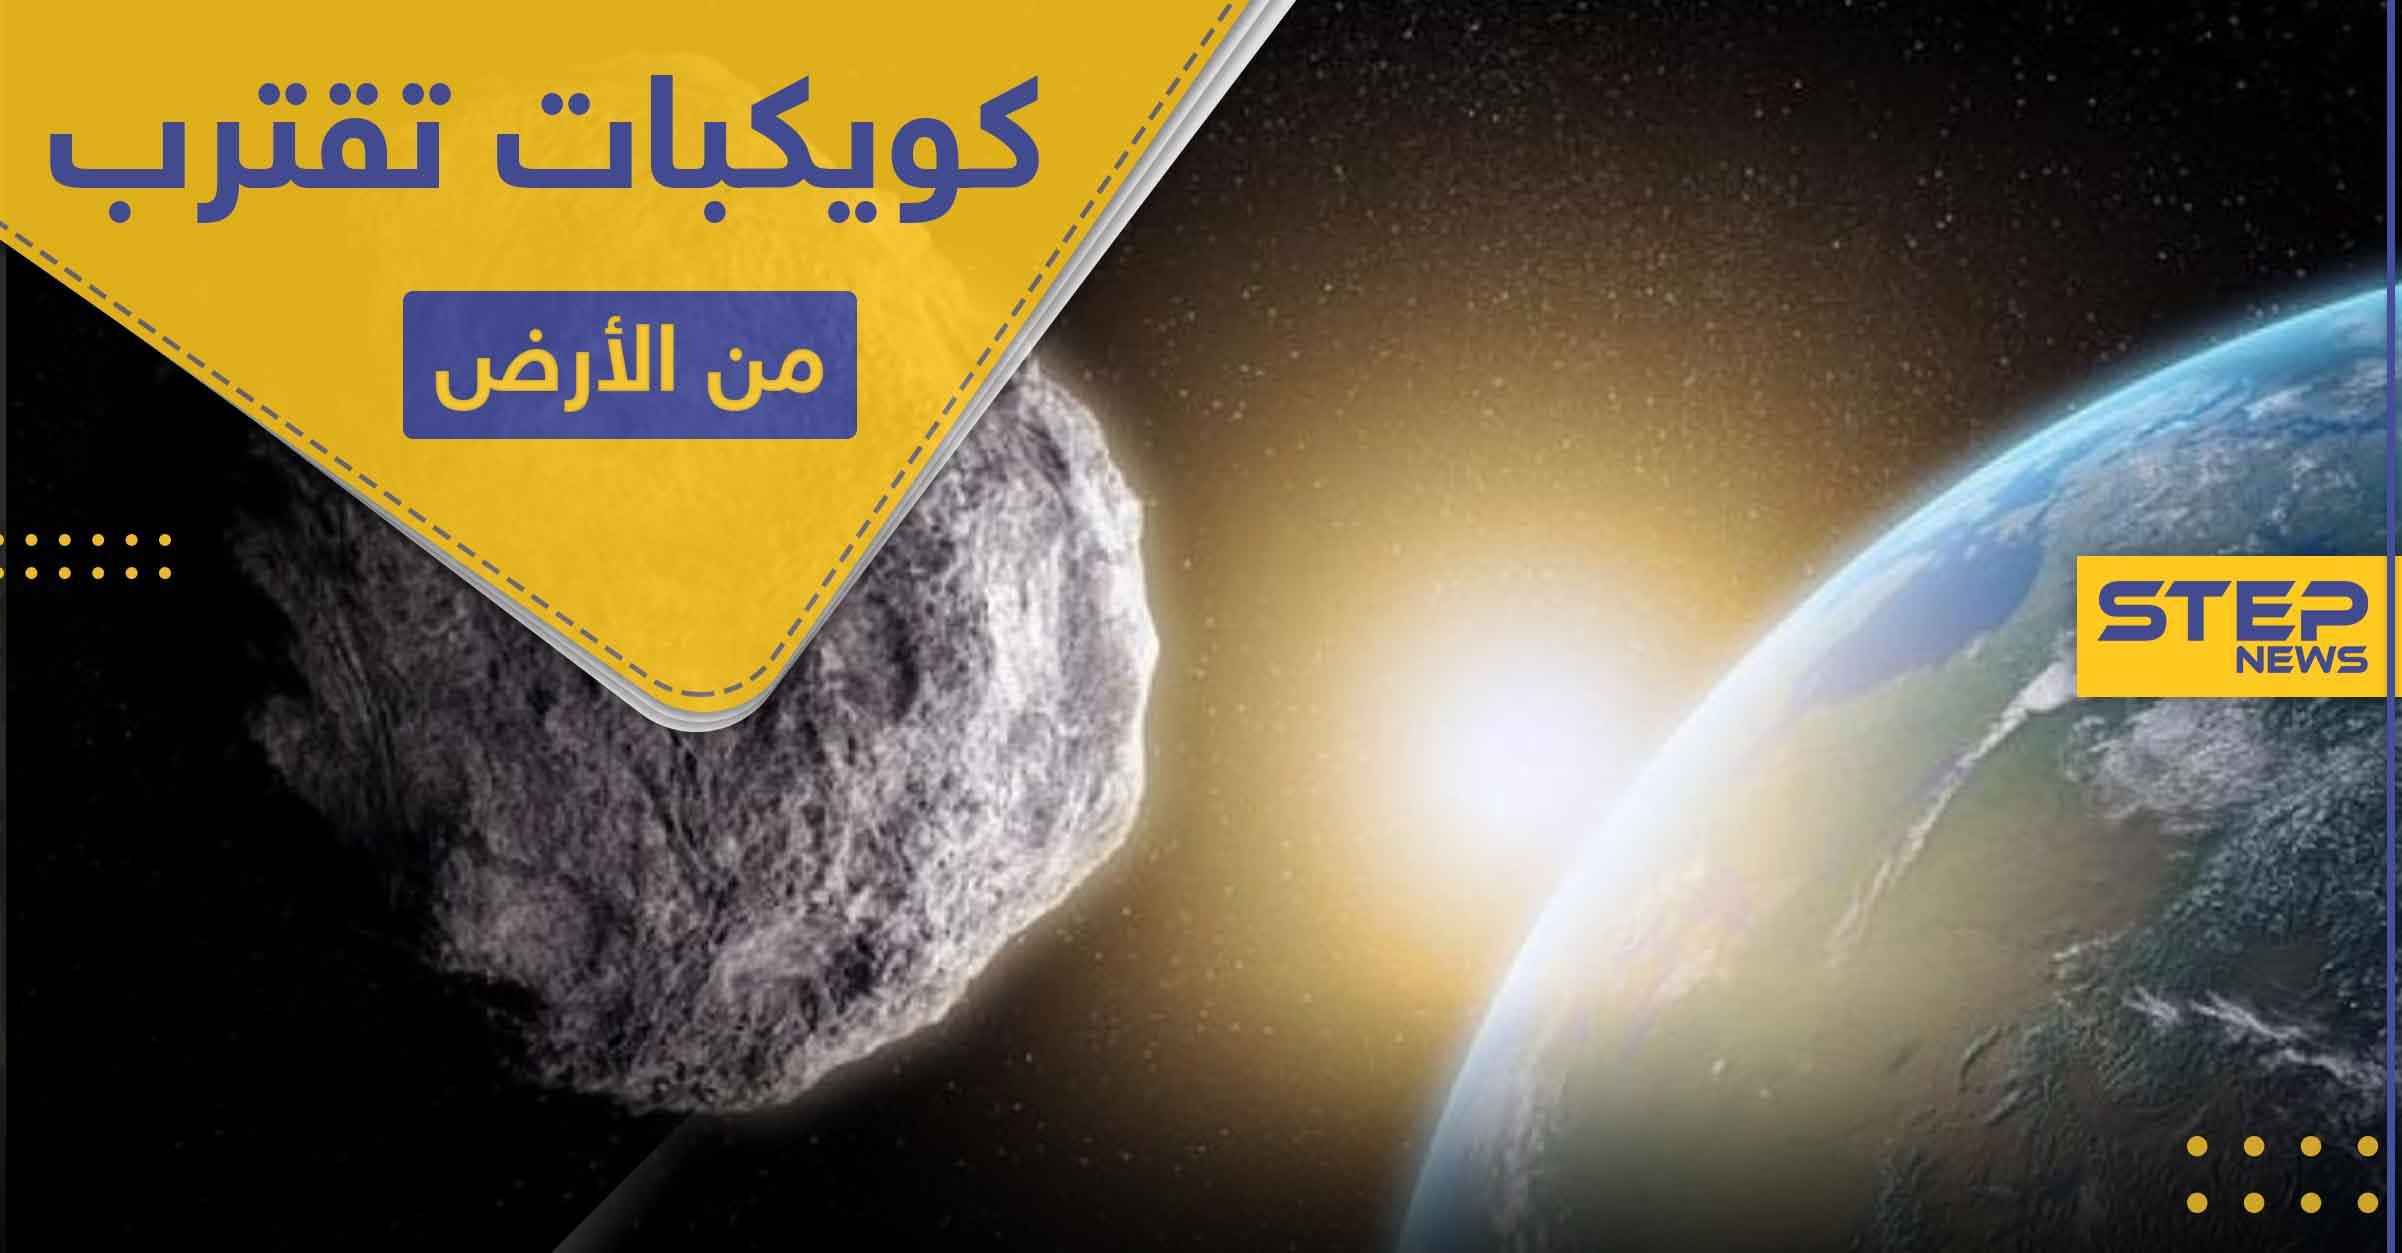 الأرض تستعد لاقتراب عدة كويكبات منها.. واكتشاف كوكب شبيه لها